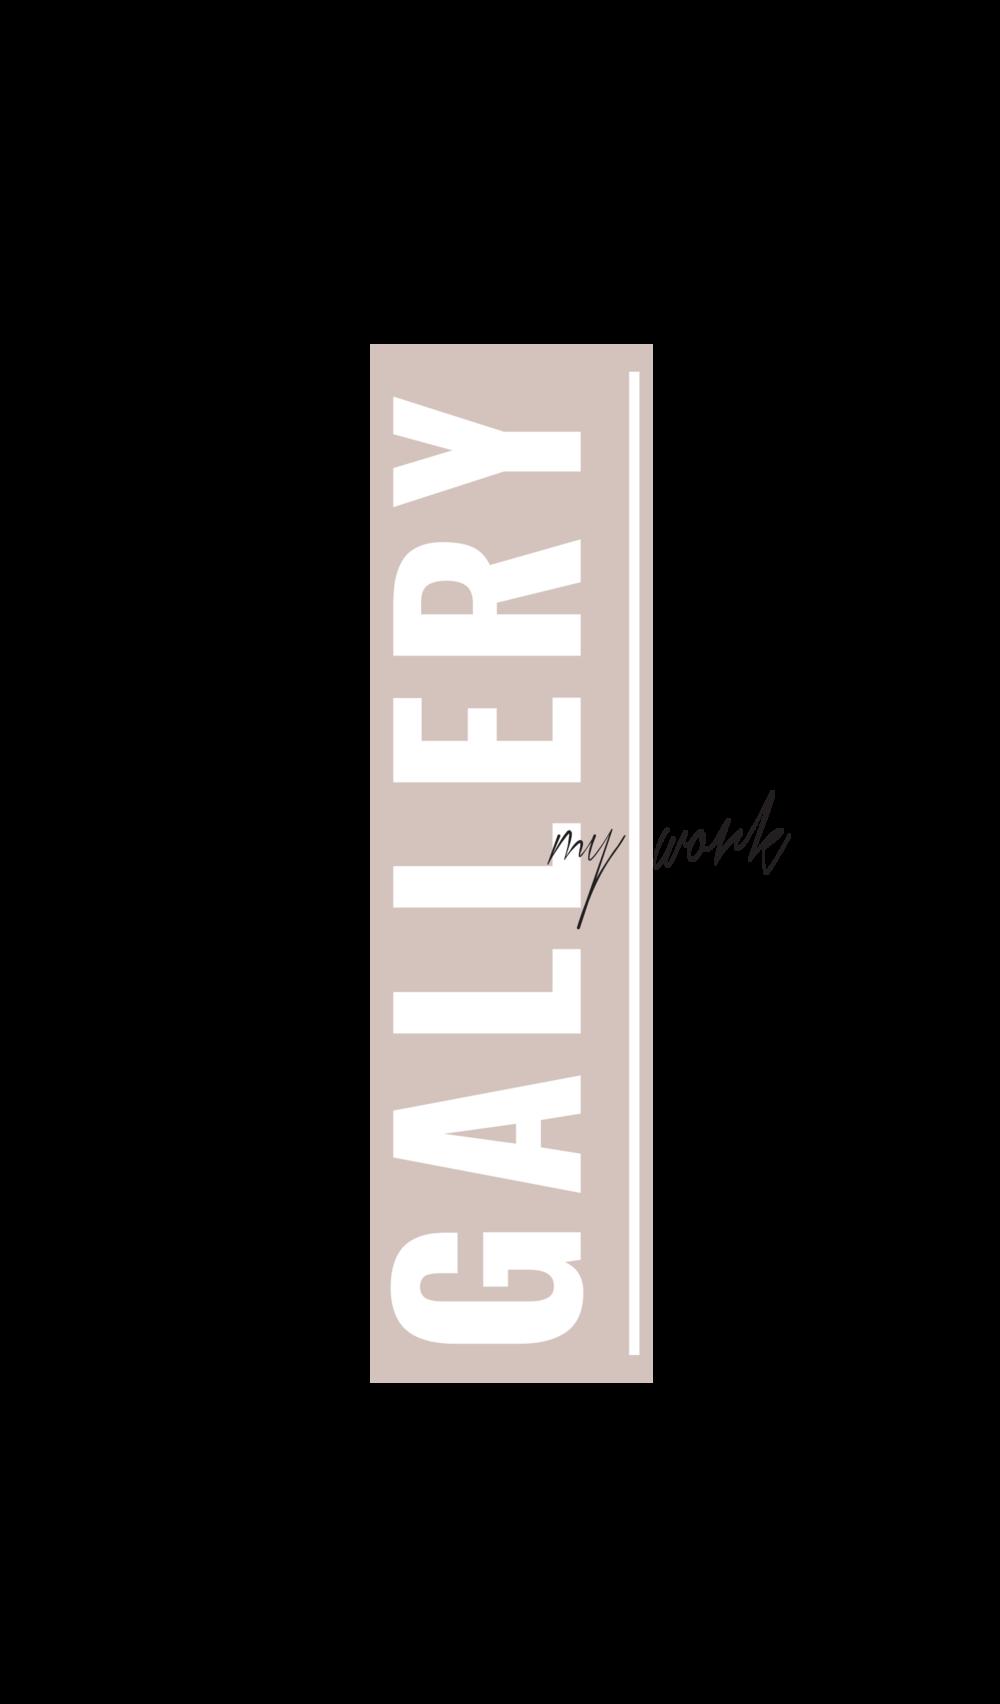 Gallery-mywork.png